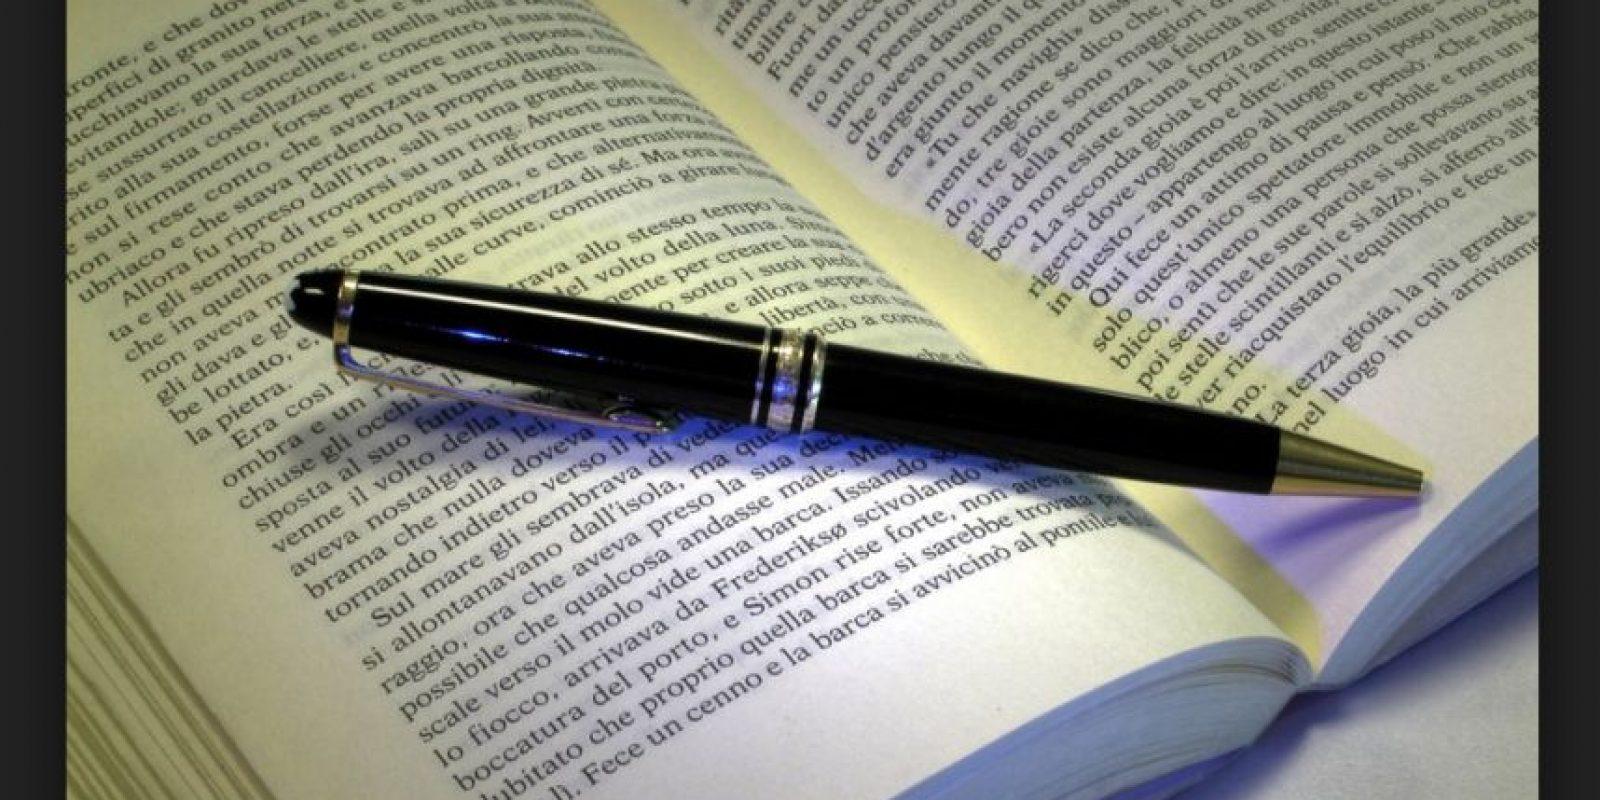 8.- Su léxico aumenta por la gran cantidad de información y libros que han leído Foto:Wikicommons